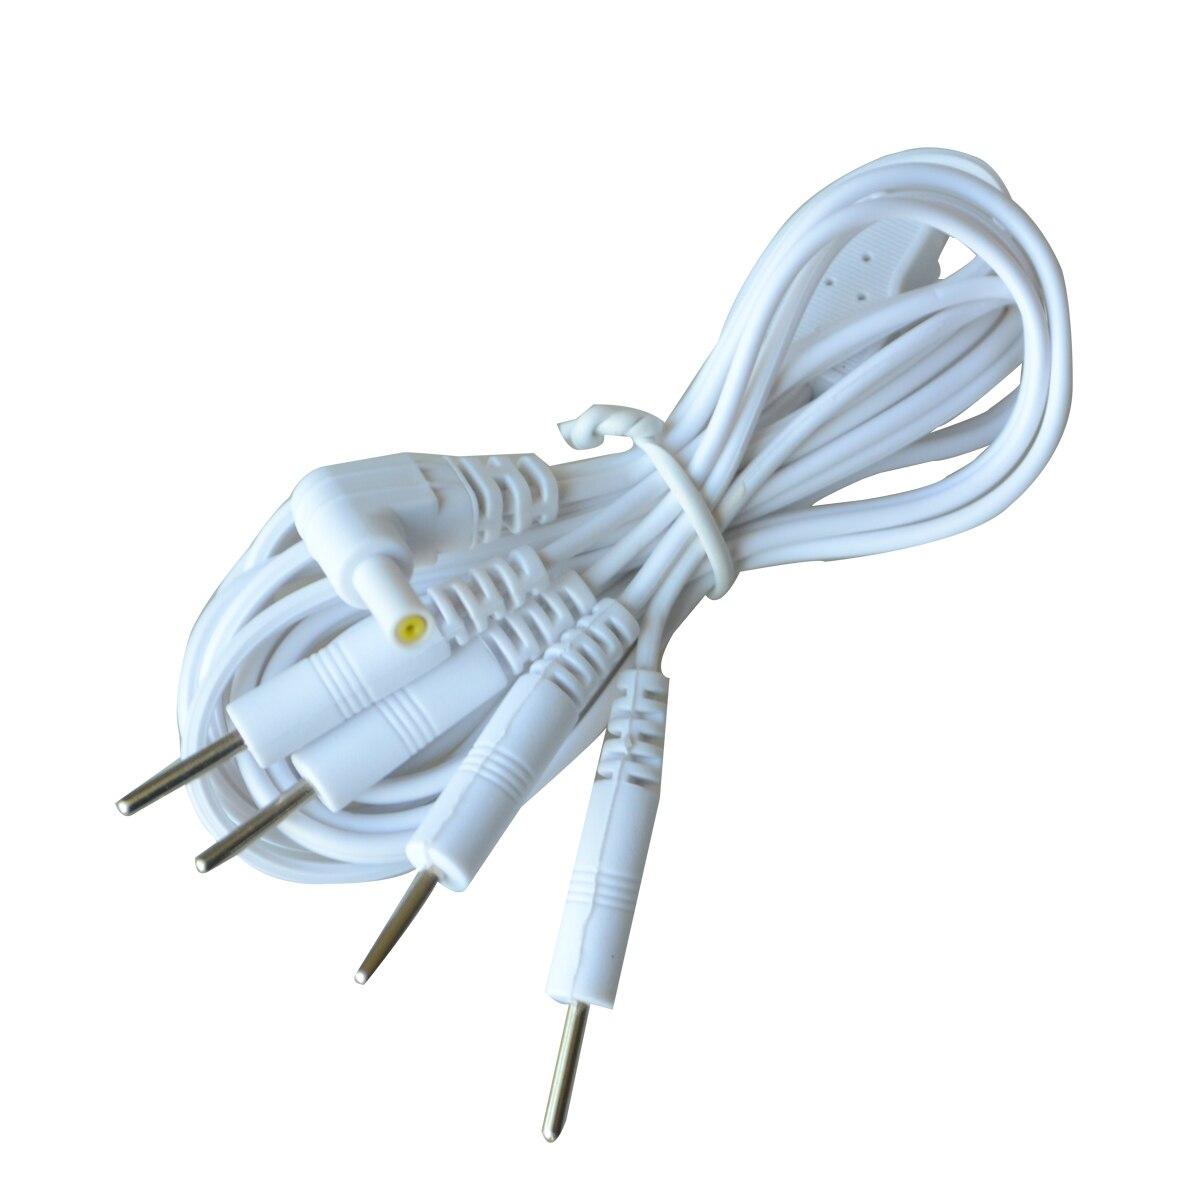 2 pinos 2.35mm 4 dos pces em 1 linha principal do cabo do elétrodo fio do conector para dezenas 7000 & dezenas/ems máquinas eletrônicas da terapia